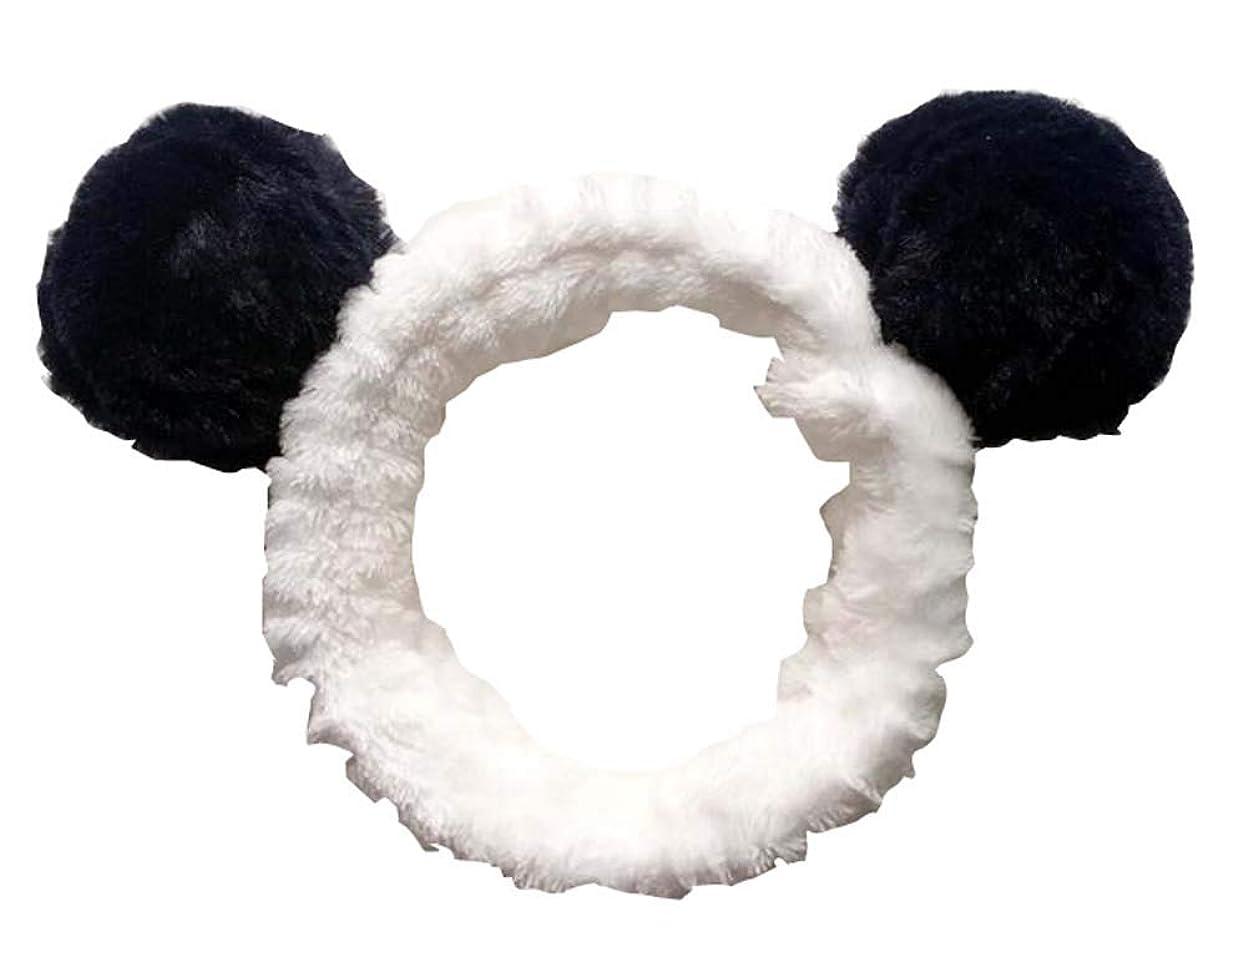 闇混合した個人的なファッションかわいいヘアフープヘア飾りワイドエッジヘッドバンド